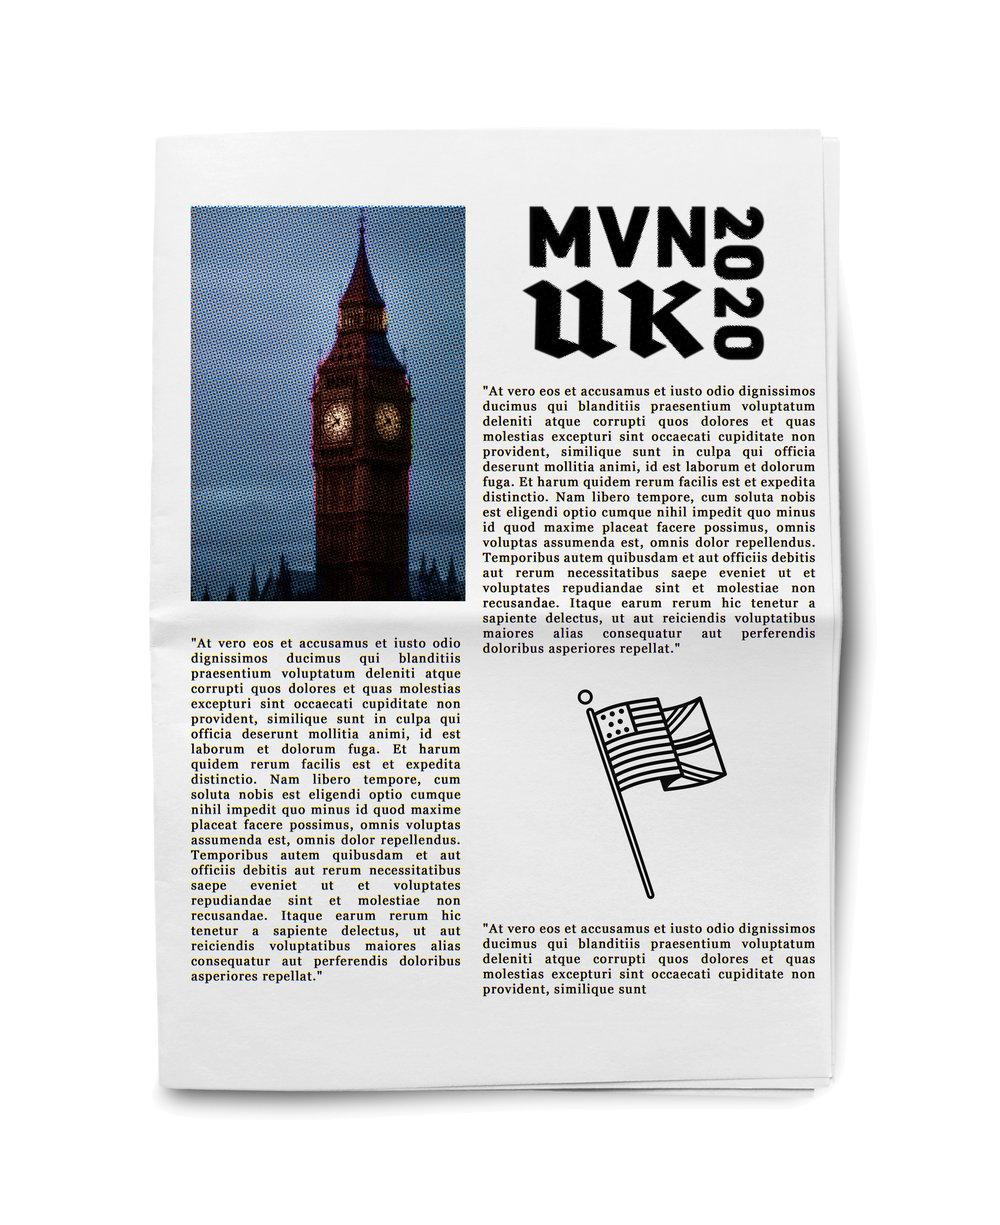 MVNUK_Newspaper_V1.jpg